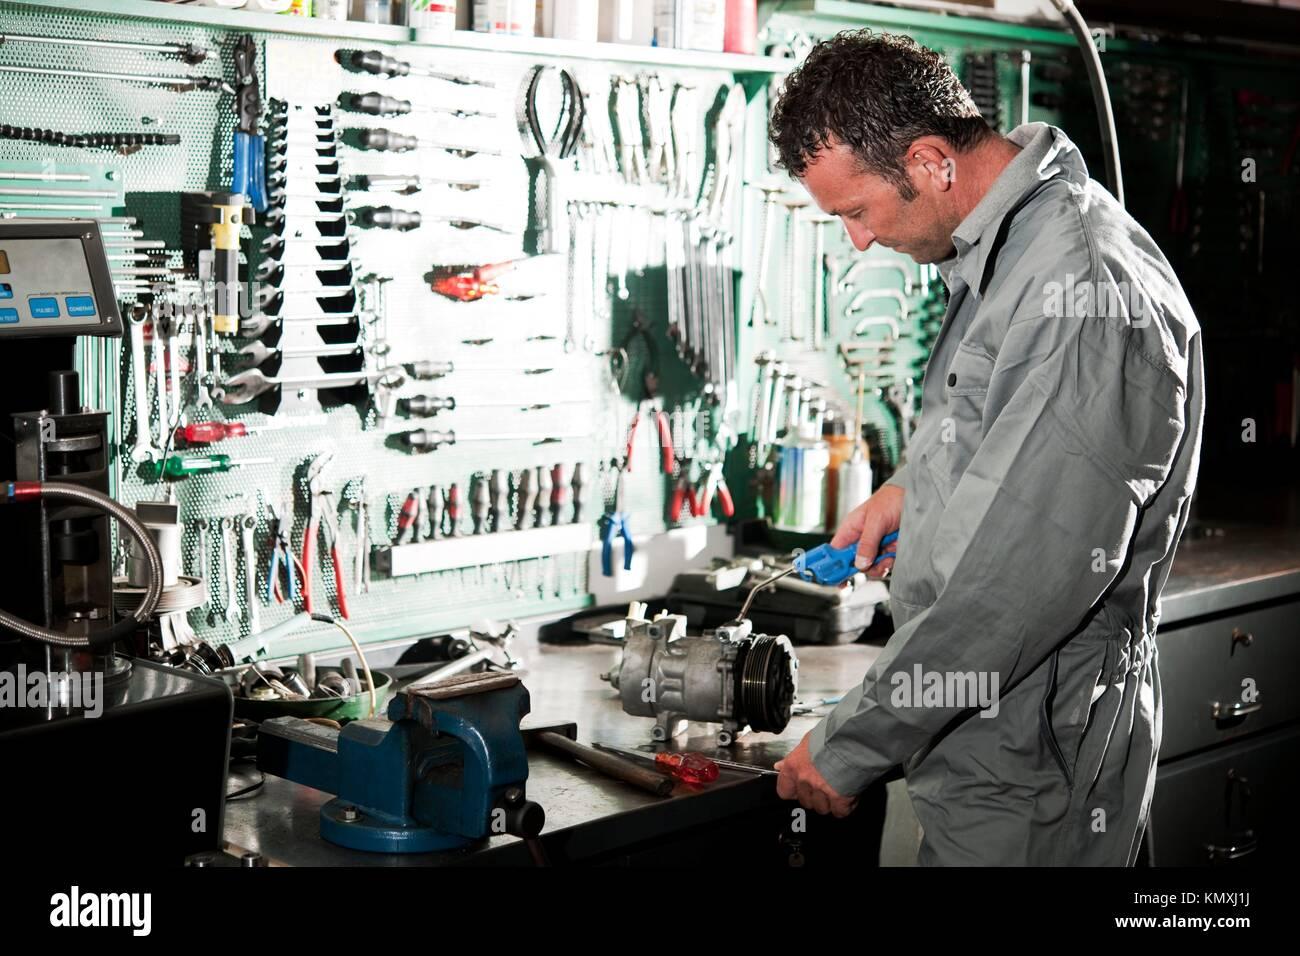 Cerca de una sonriente mecánico dentro de su taller de reparación de automóviles Imagen De Stock